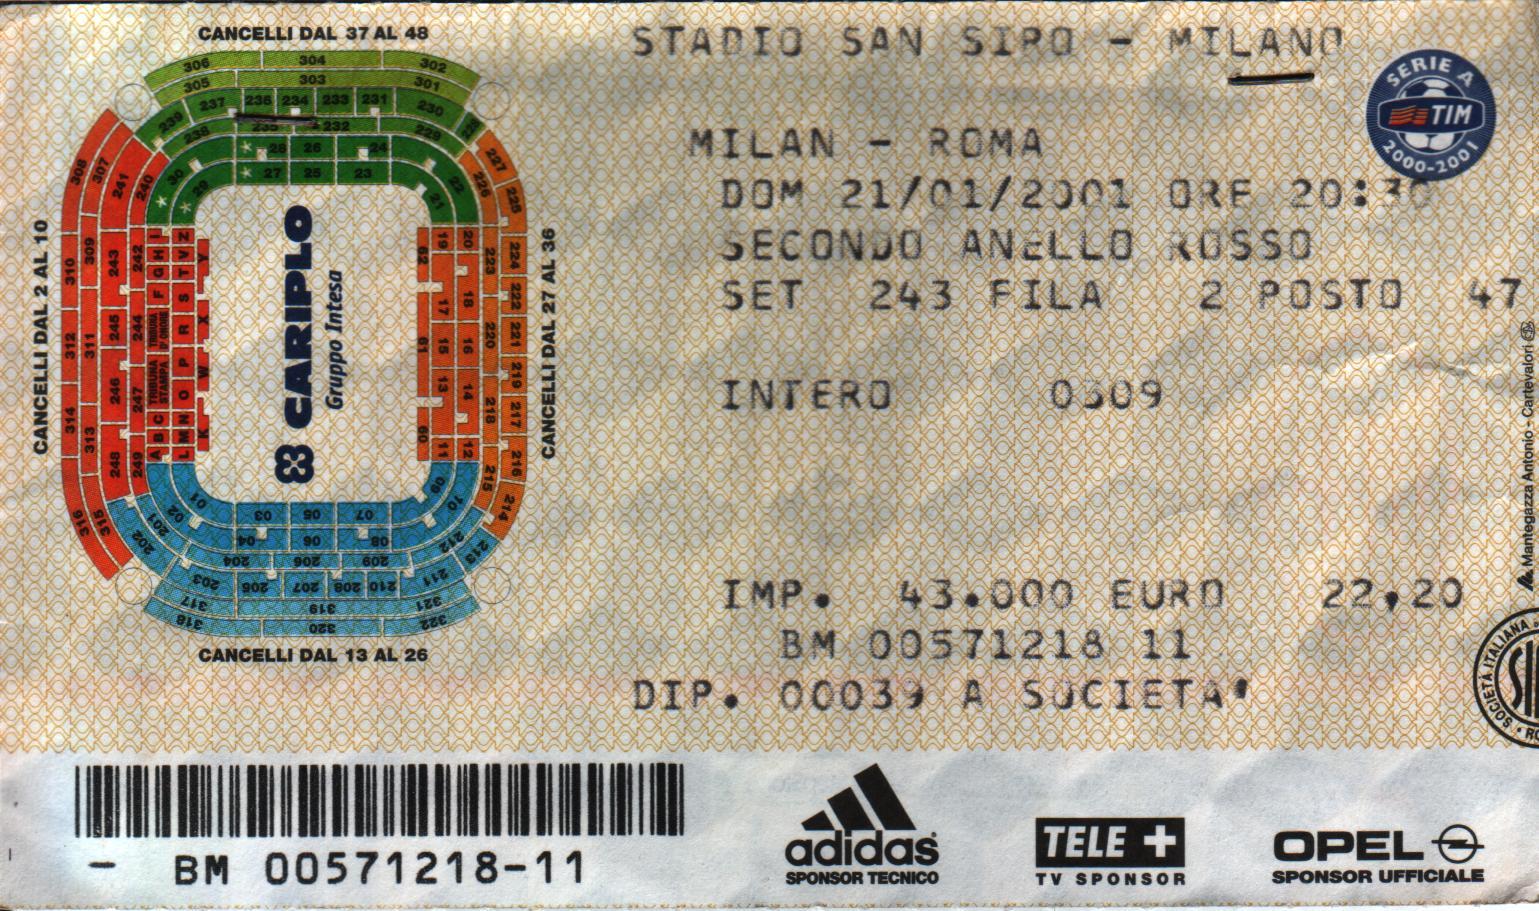 biglietti milan udinese 30 novembre 1989 - photo#8